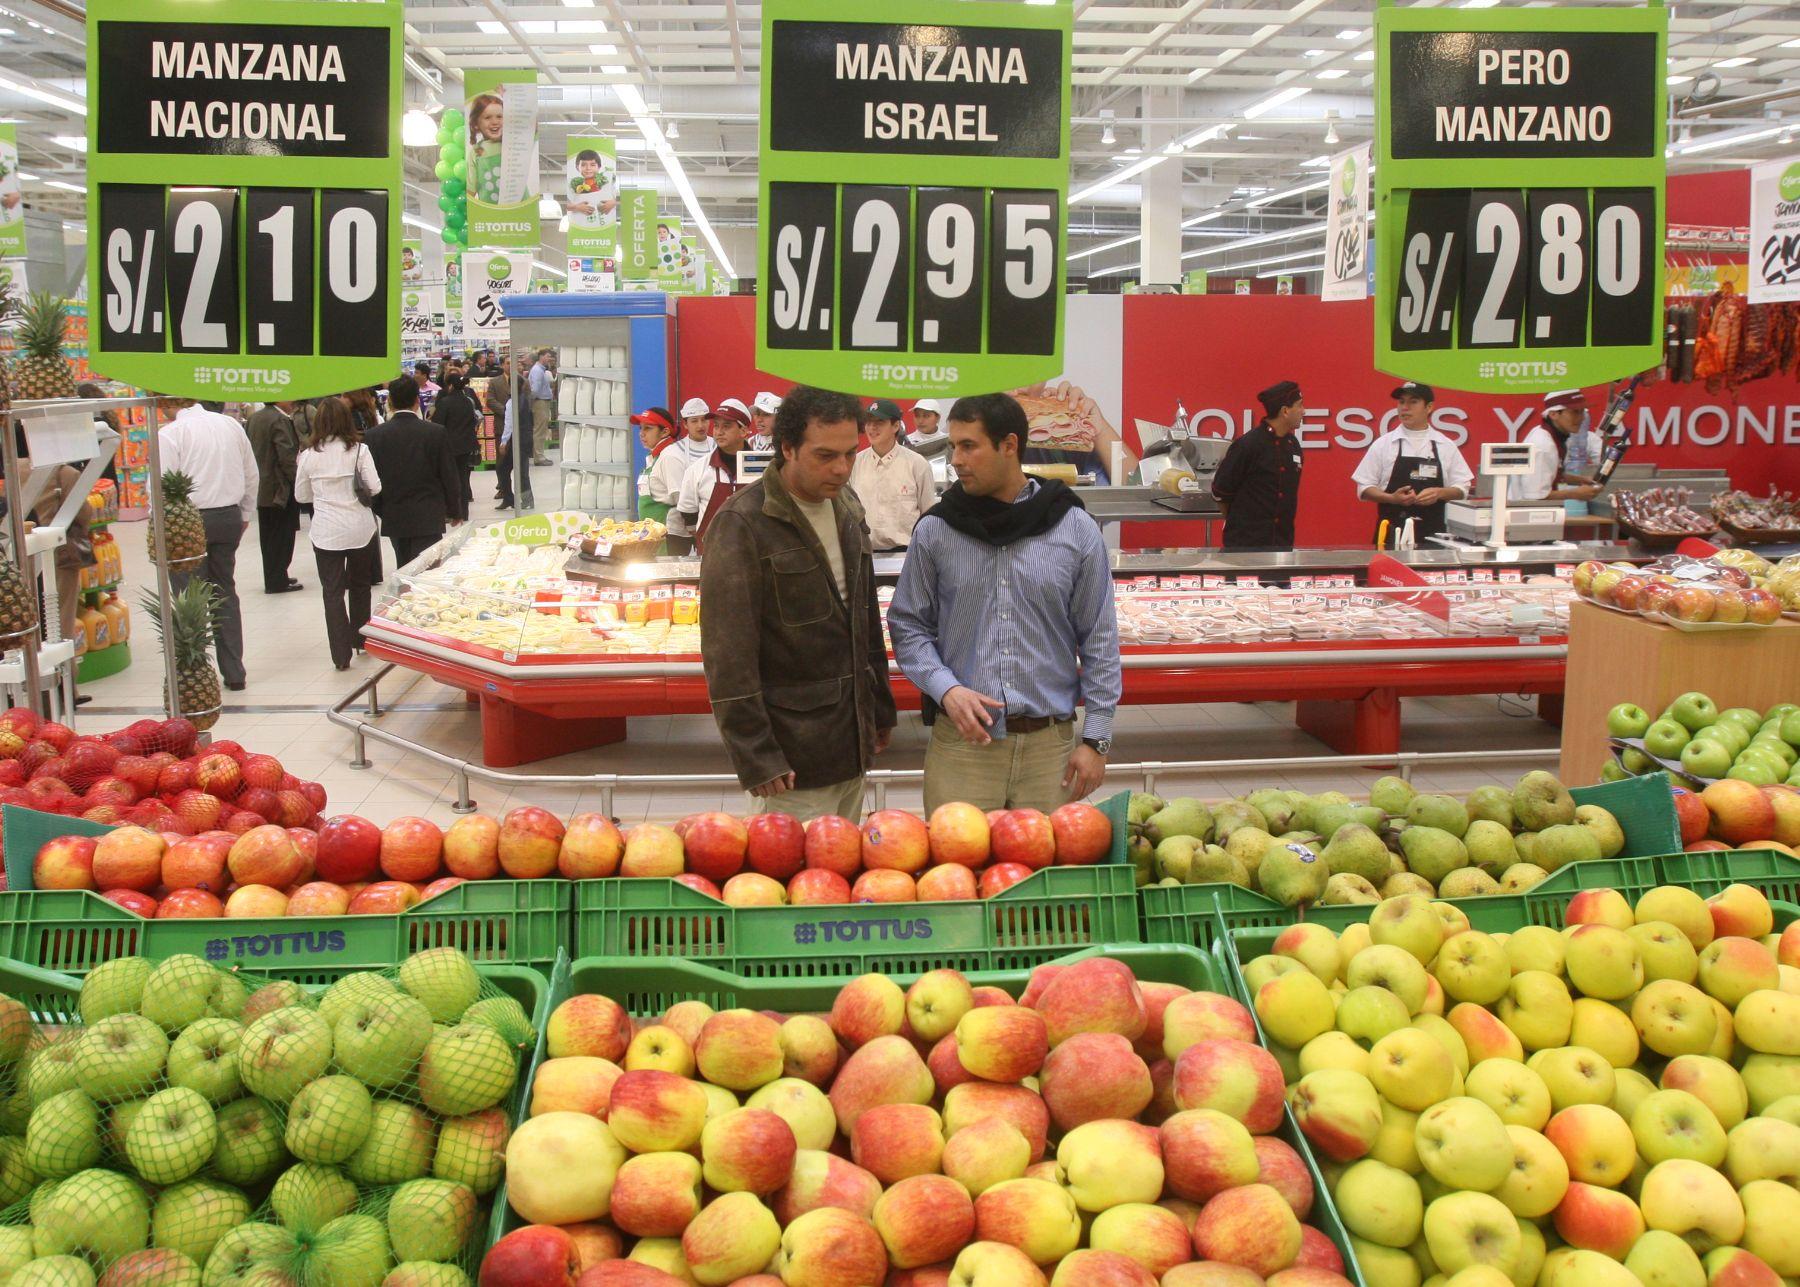 Productores venden sin intermediarios a supermercado 700 variedades de frutas y verduras